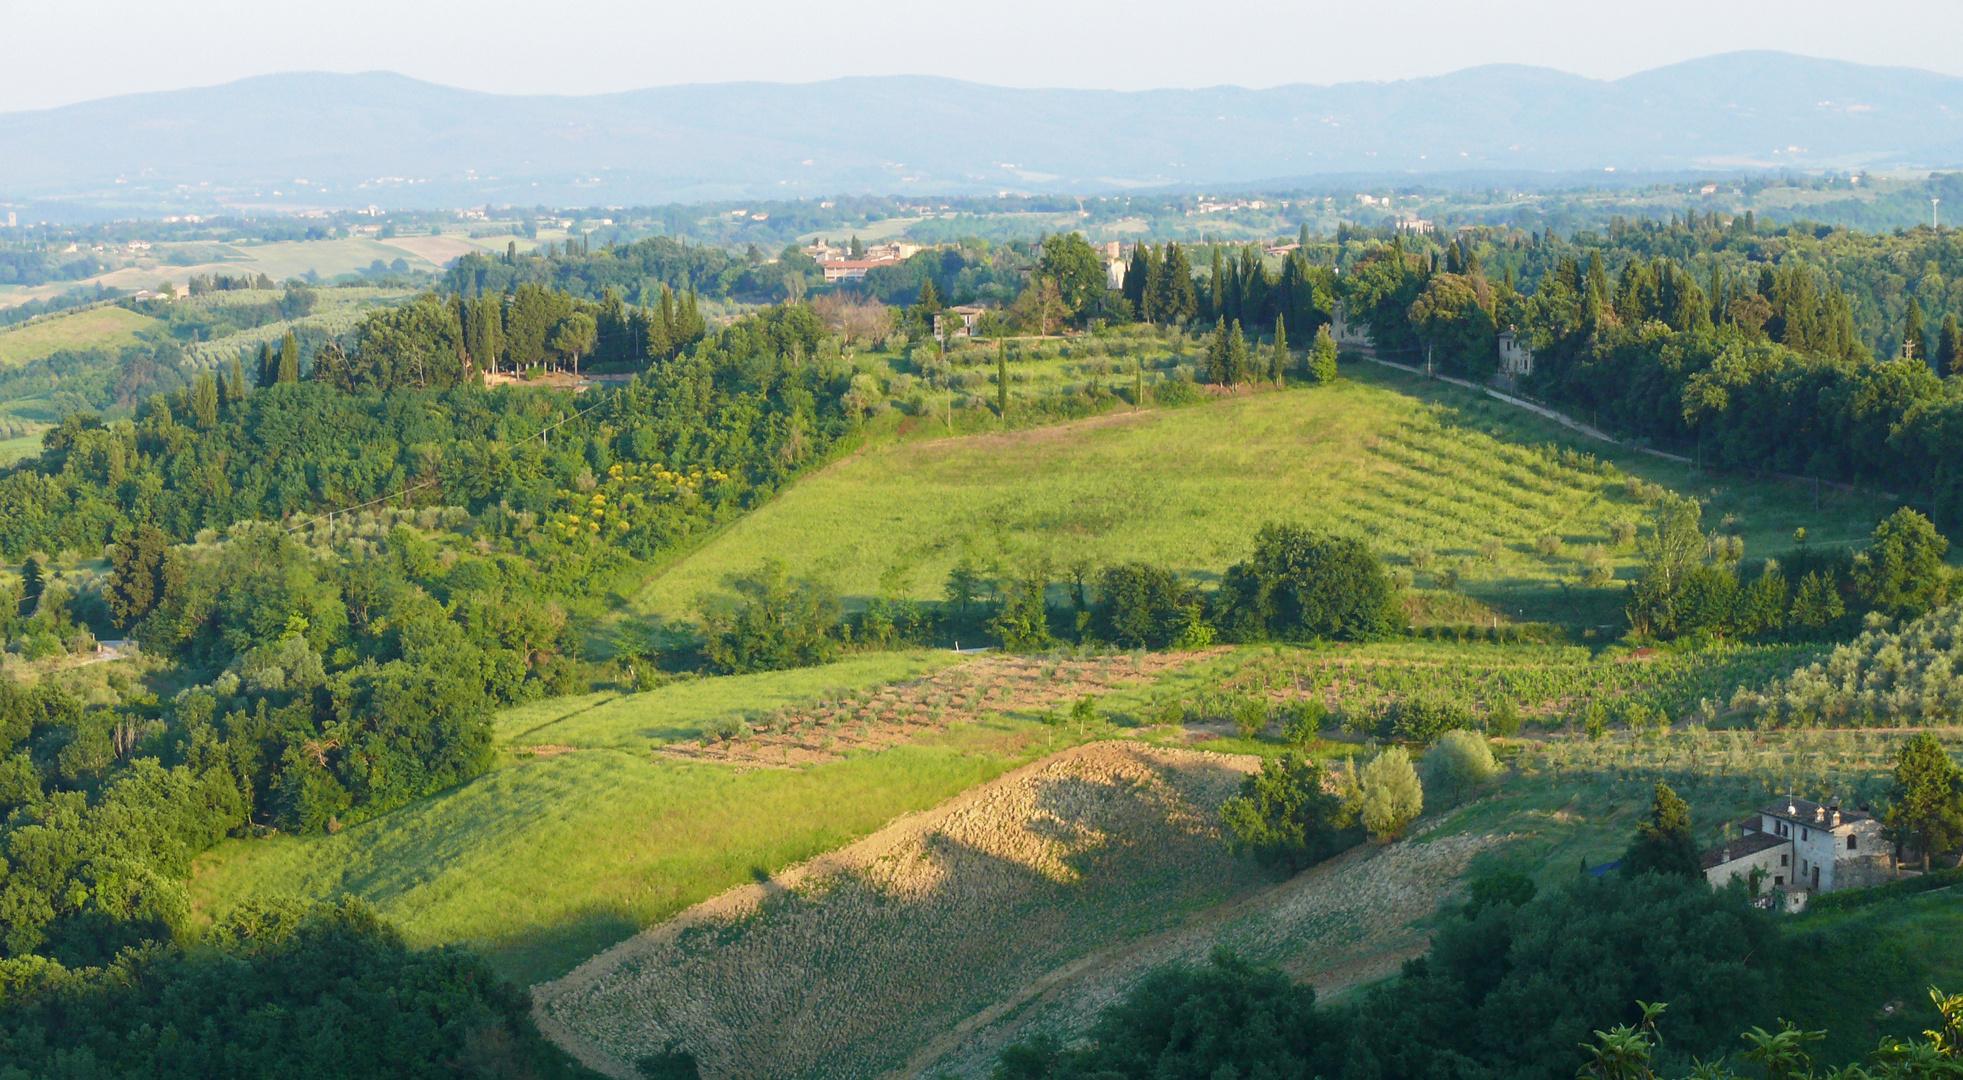 Schatten-Skyline in der Landschaft von San Gimignano, Toskana 2011